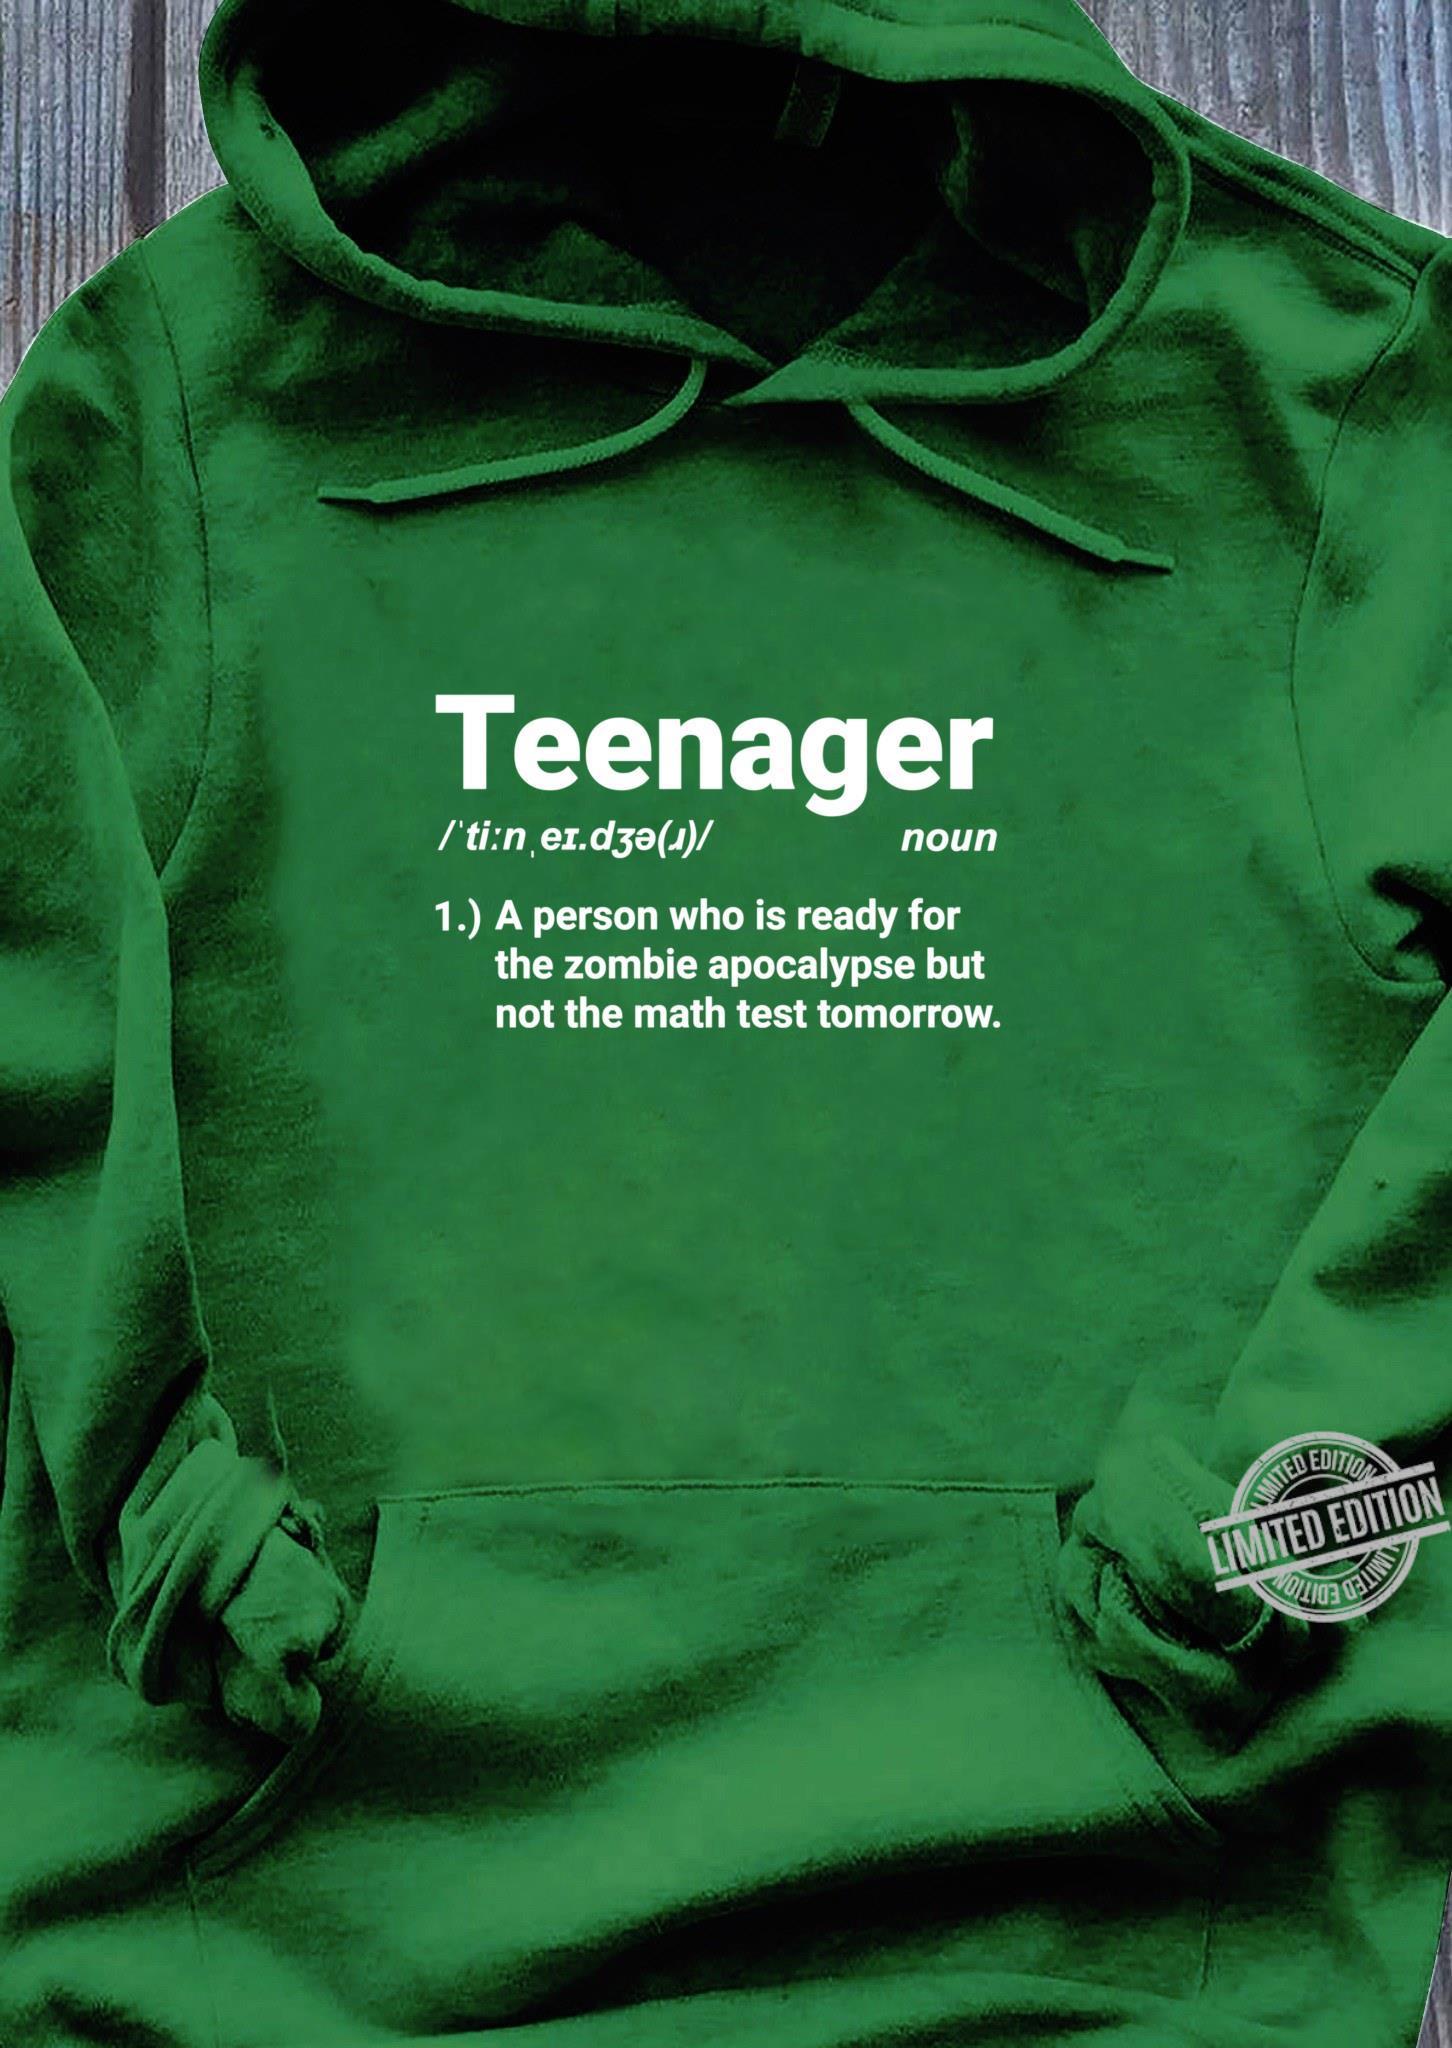 Teenager Definition Auf Zombies vorbereitet aber nicht Mathe Shirt hoodie